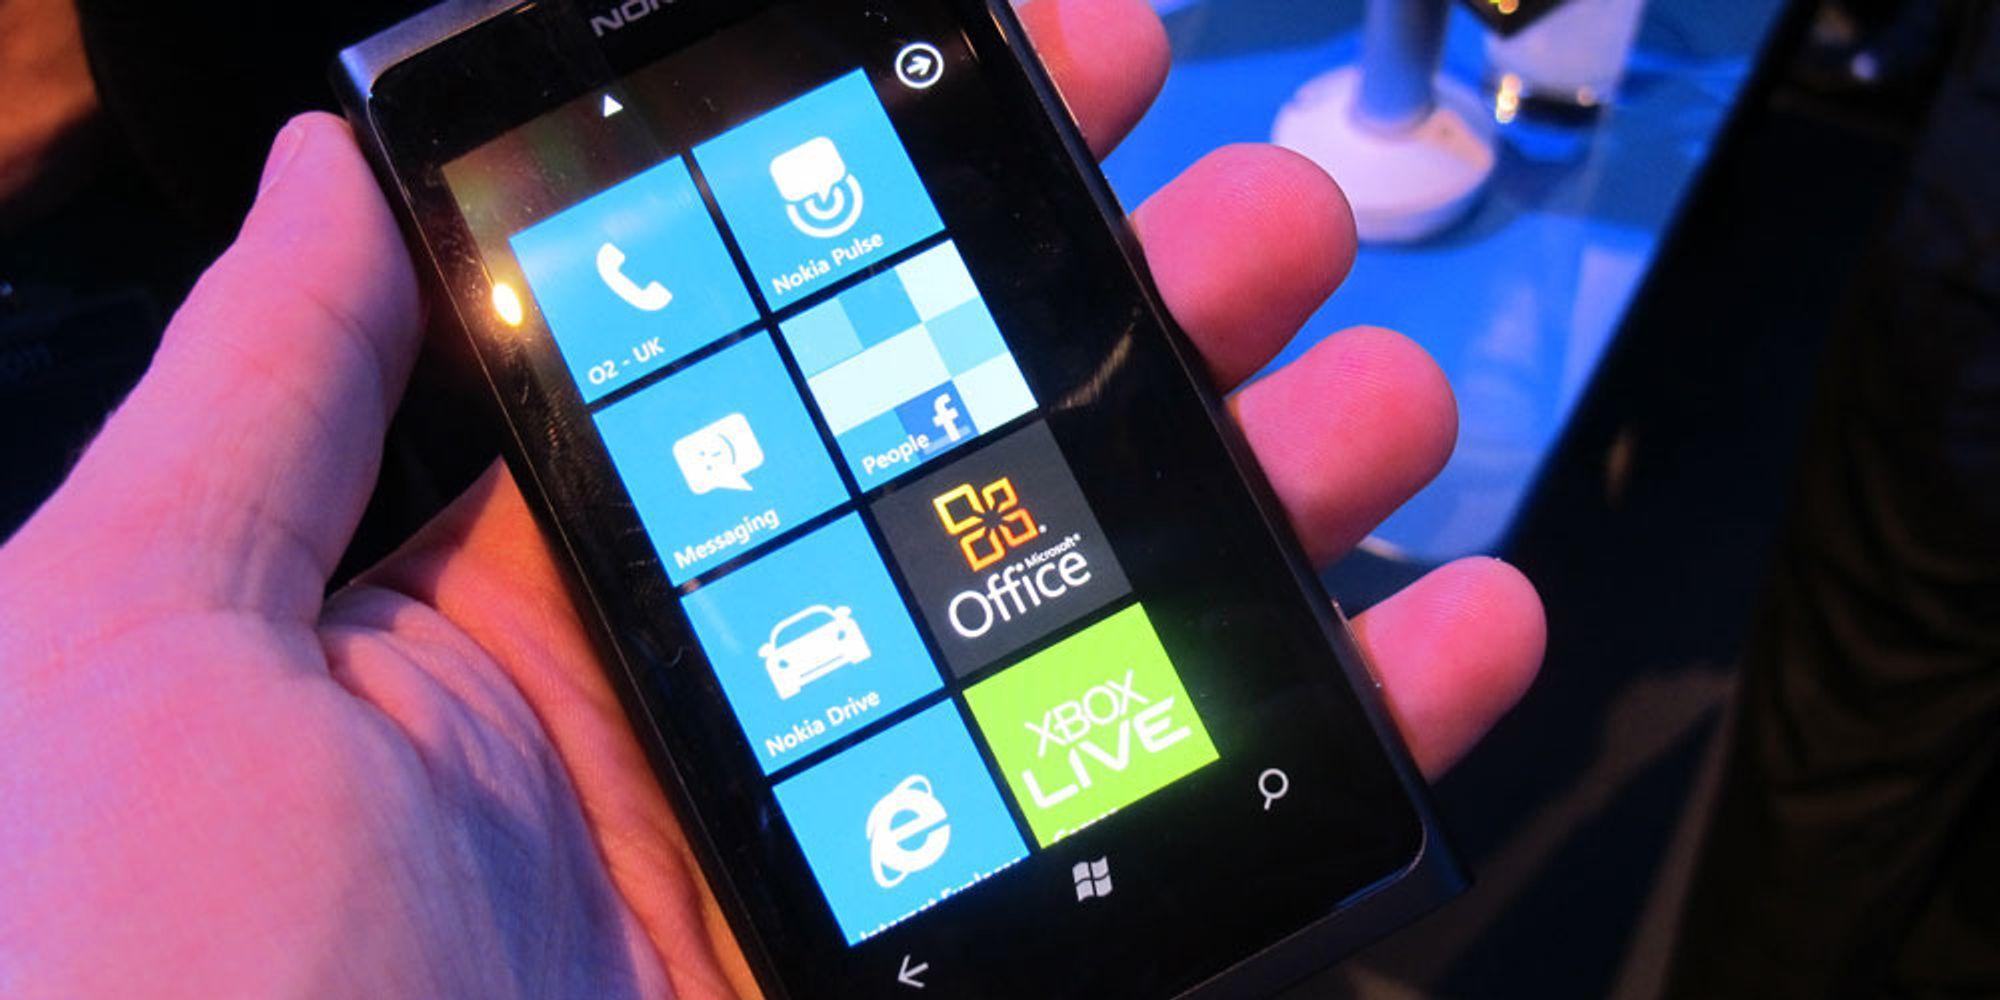 Nokia Lumia 800 selger bra, og dårlig